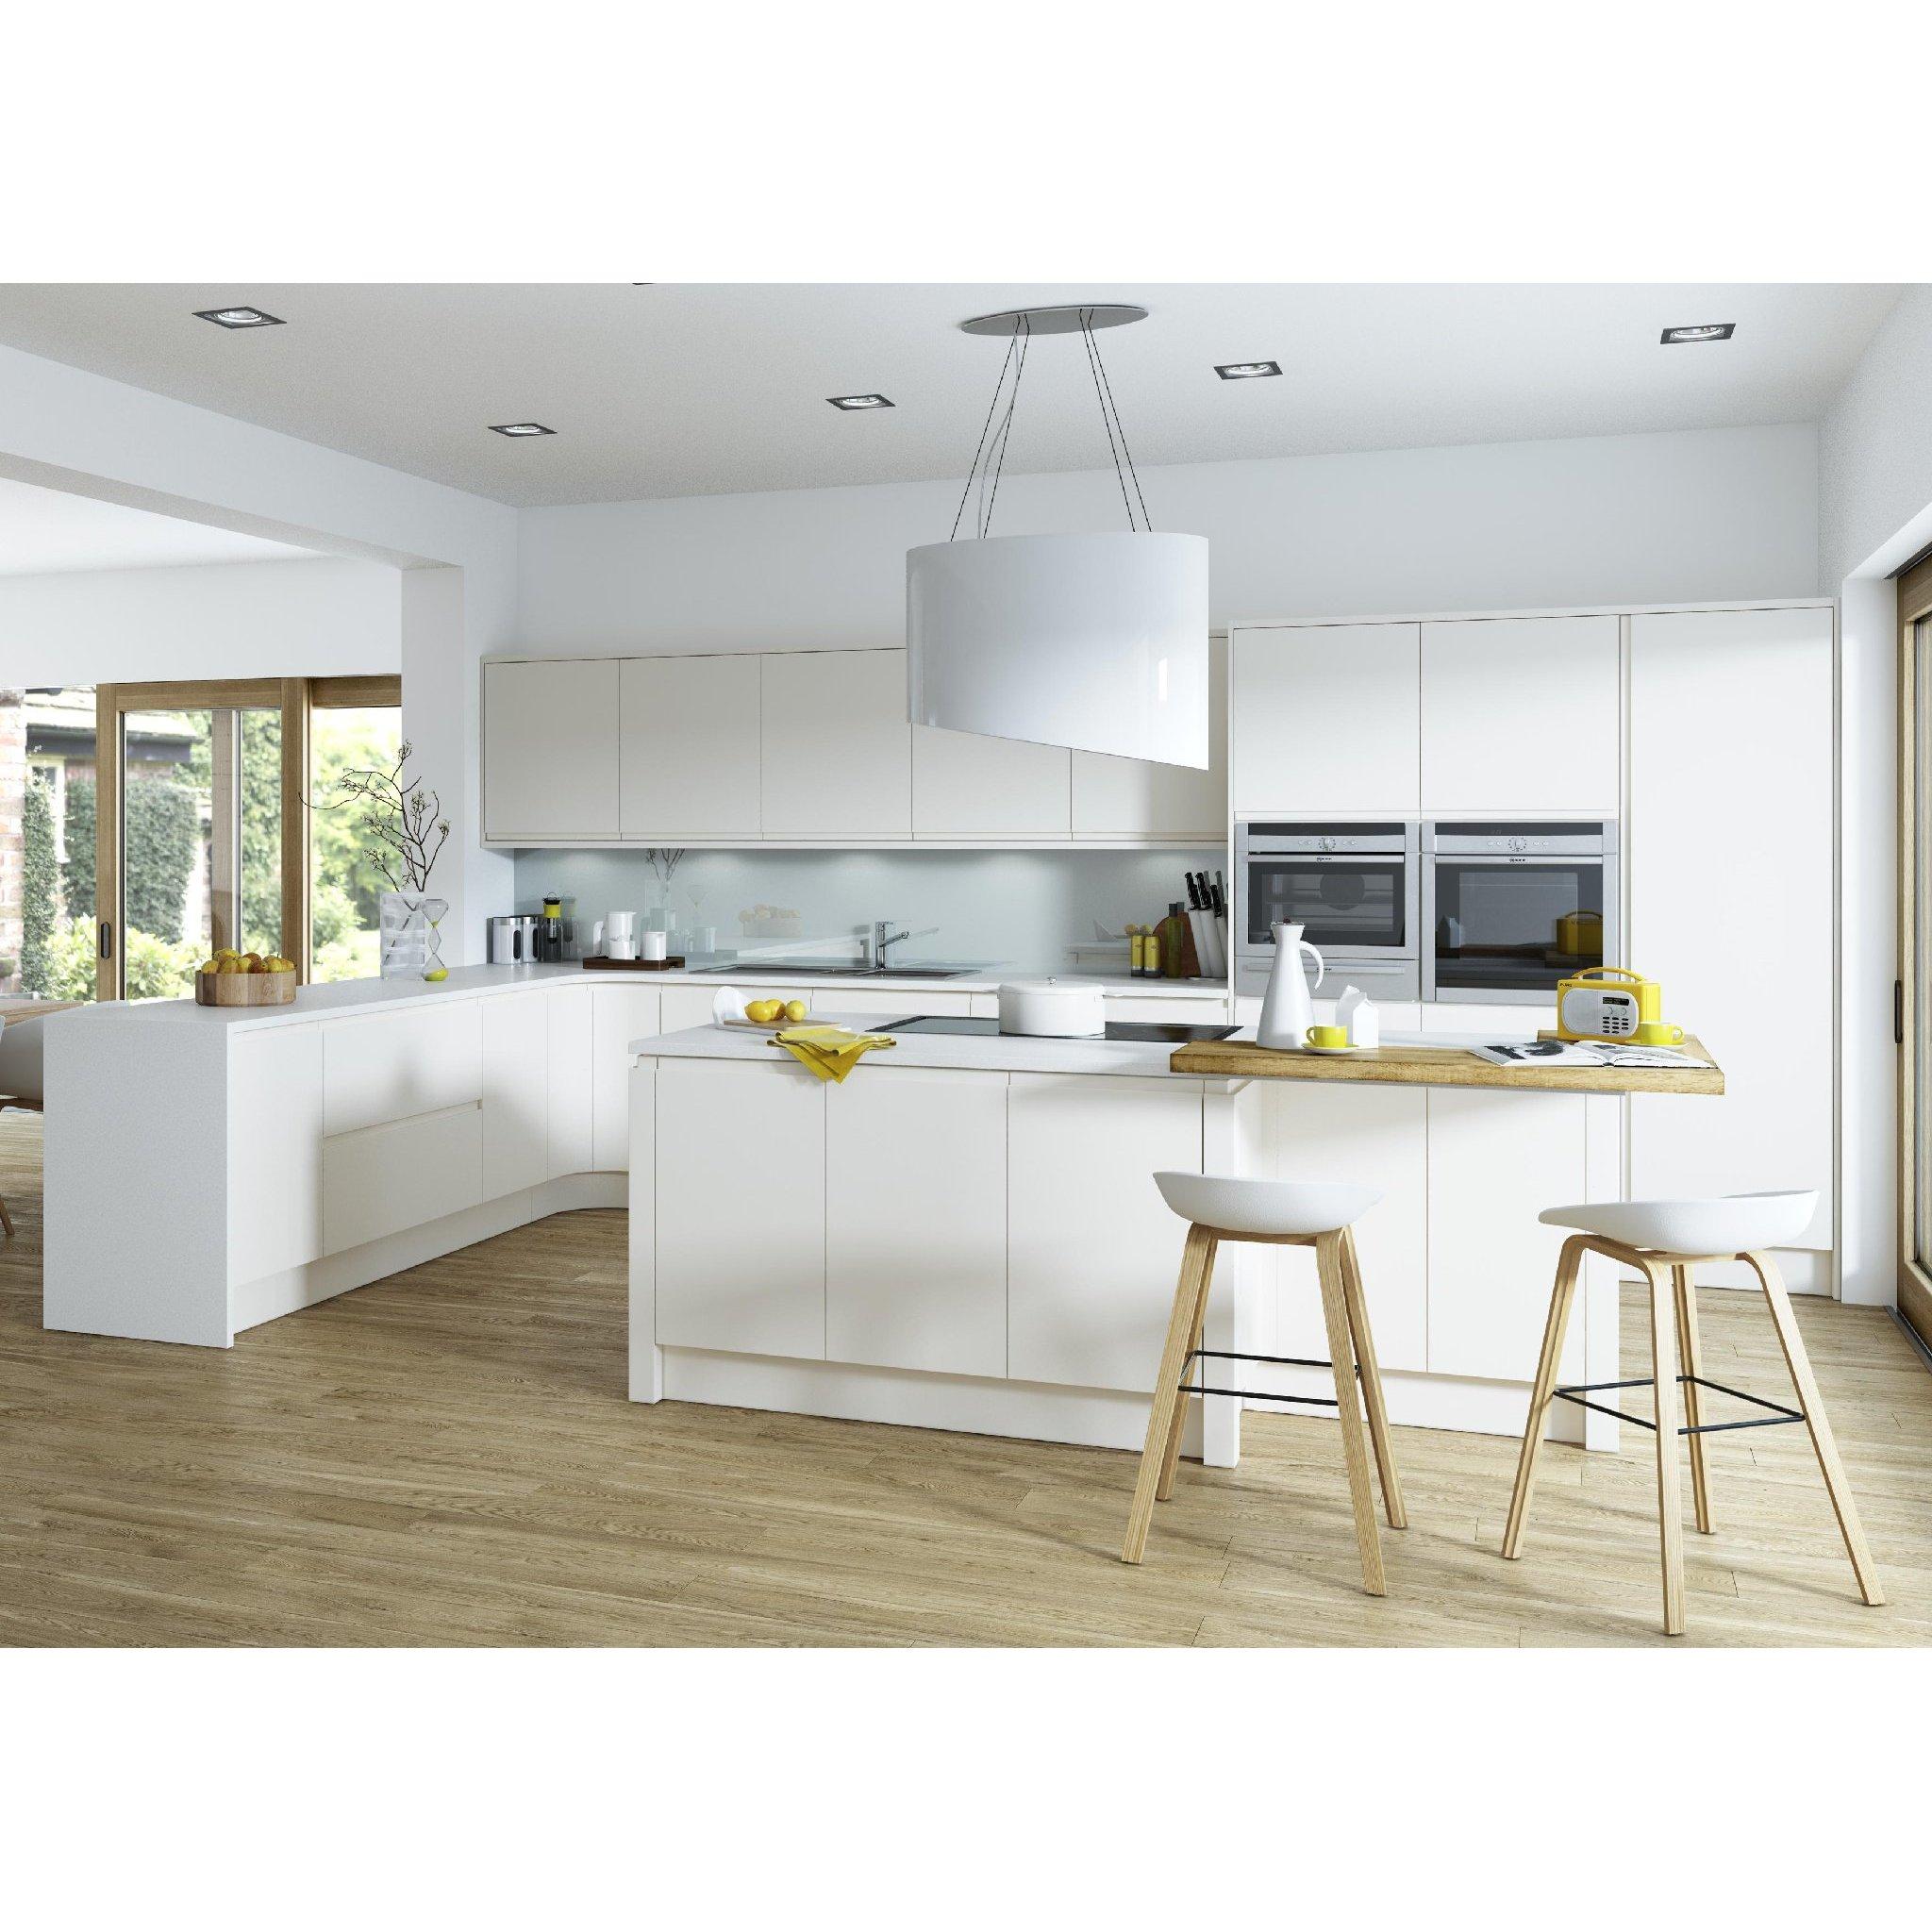 Charmant Designer Kitchen Direct Ltd